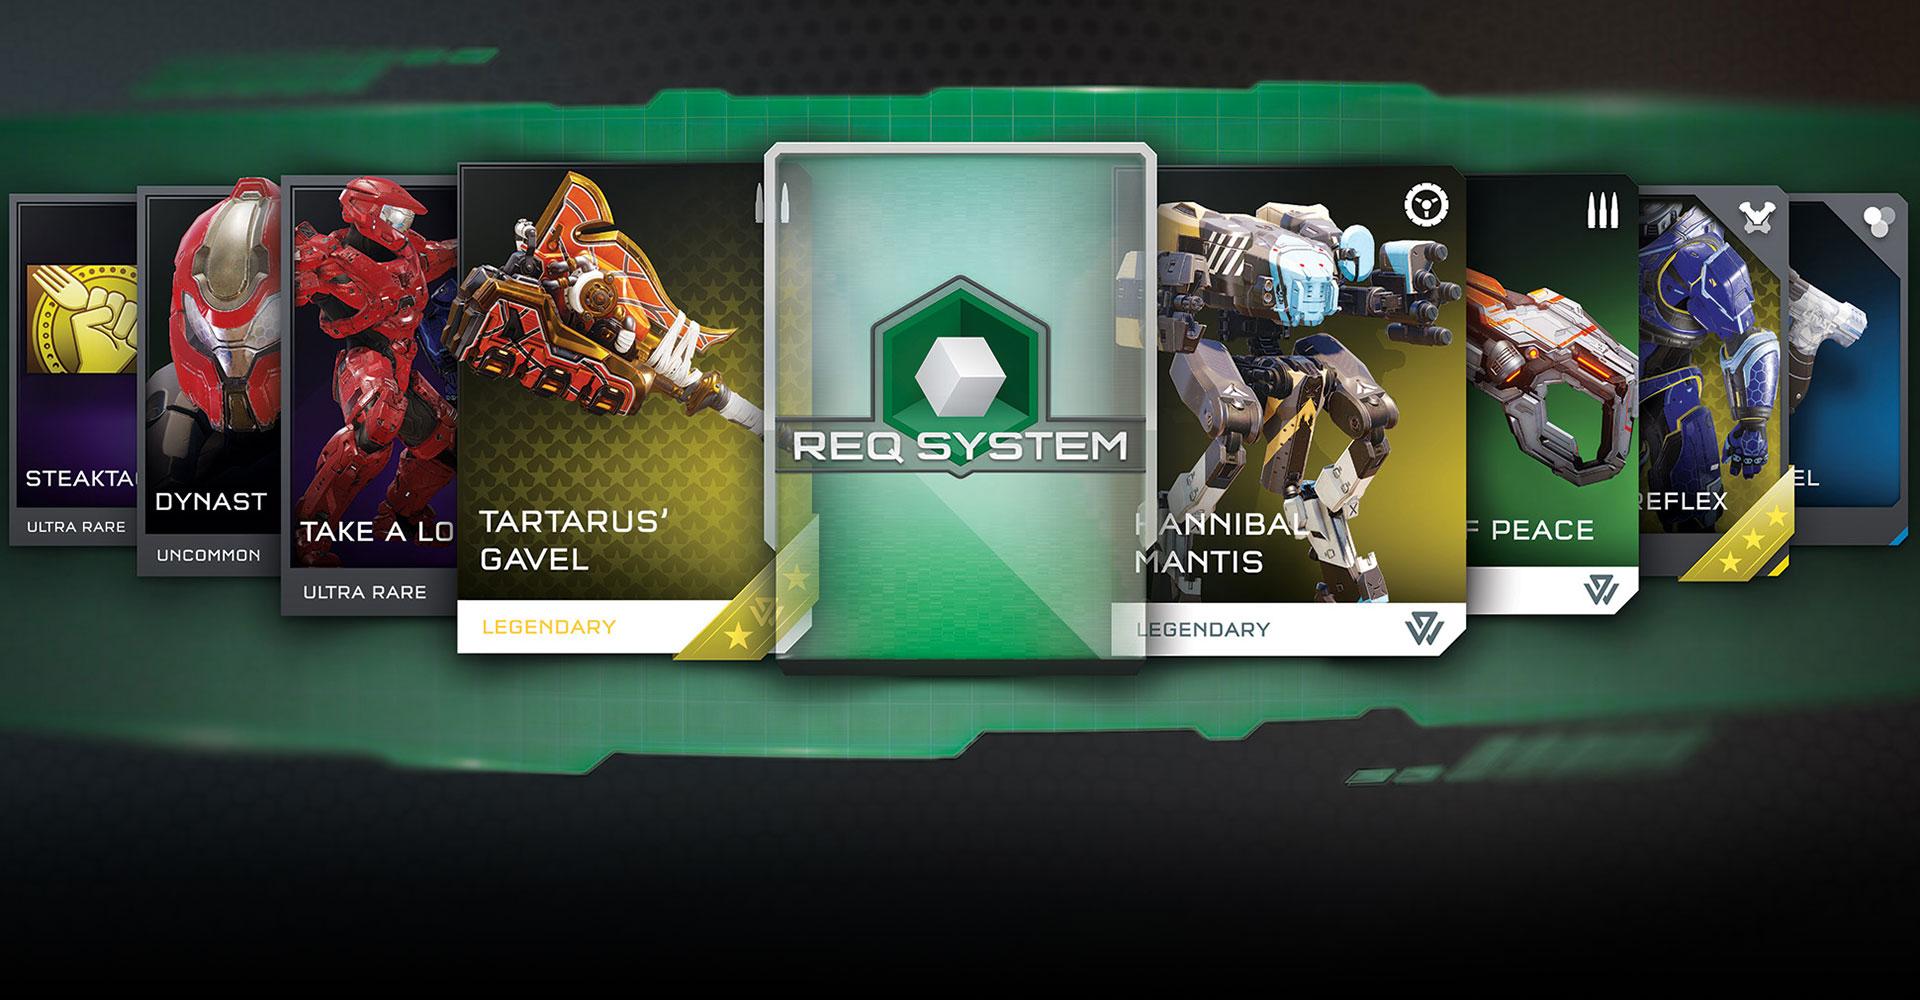 REQ System